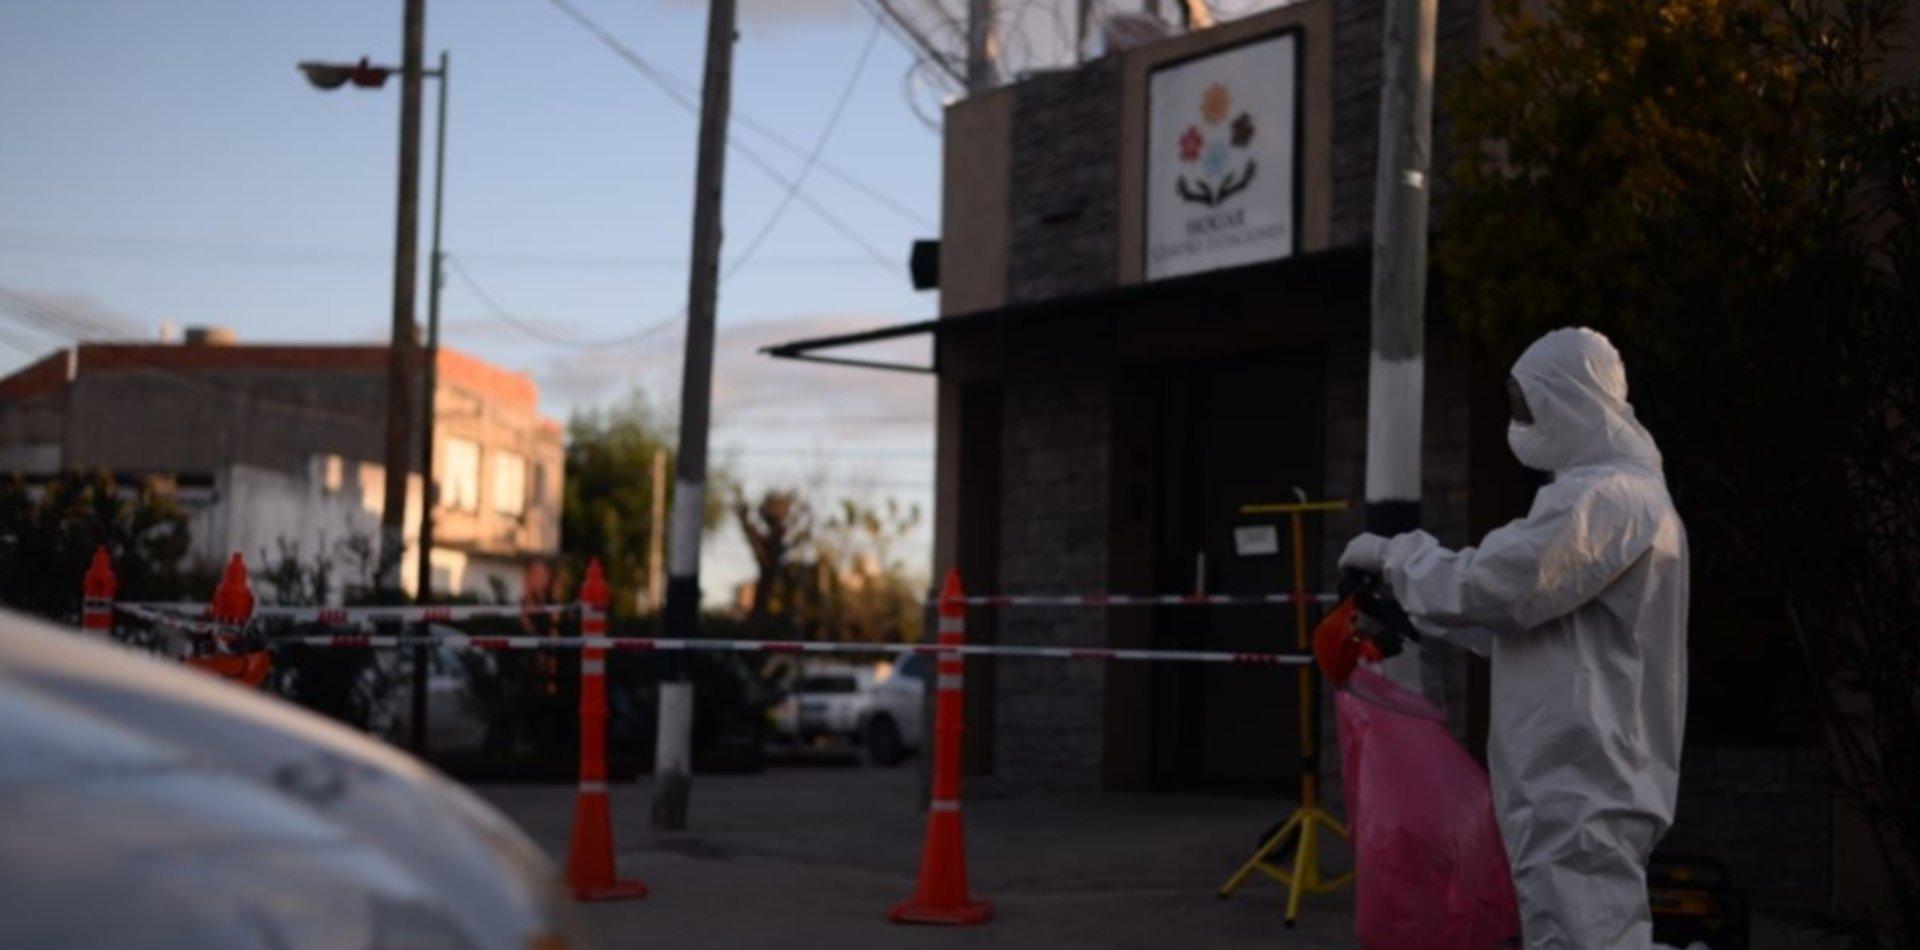 VIDEO: Así fueron los testeos en el geriátrico de La Plata donde hubo casos de coronavirus